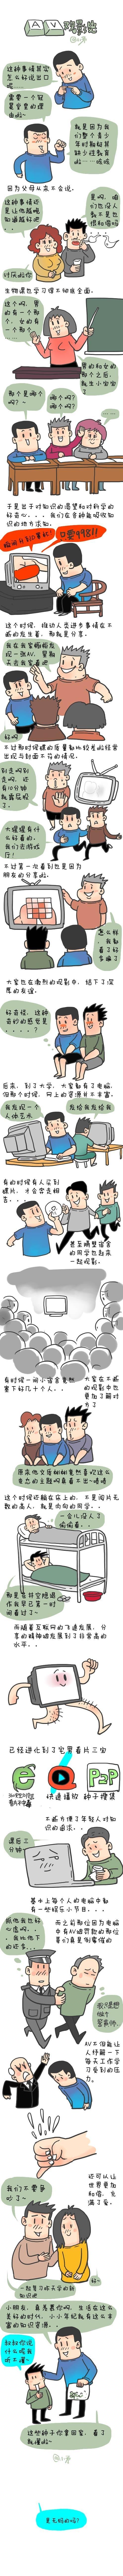 中国av发展史,道路艰辛,但是前途光明